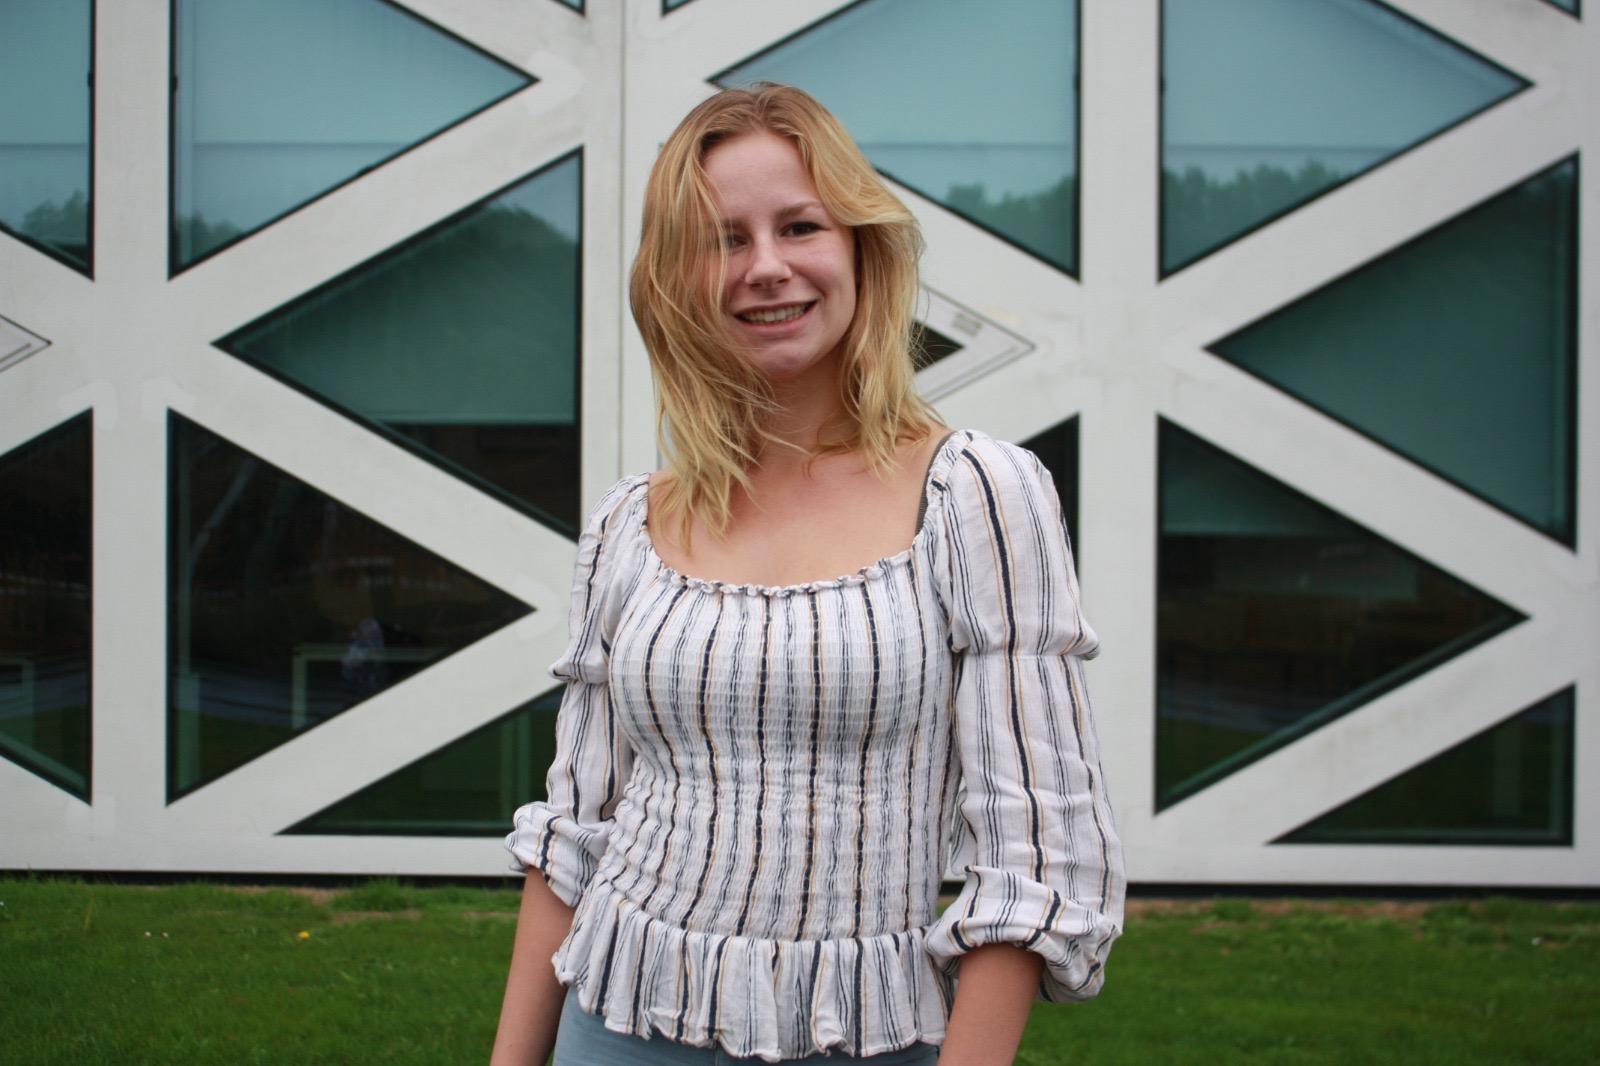 Melanie Brentjens